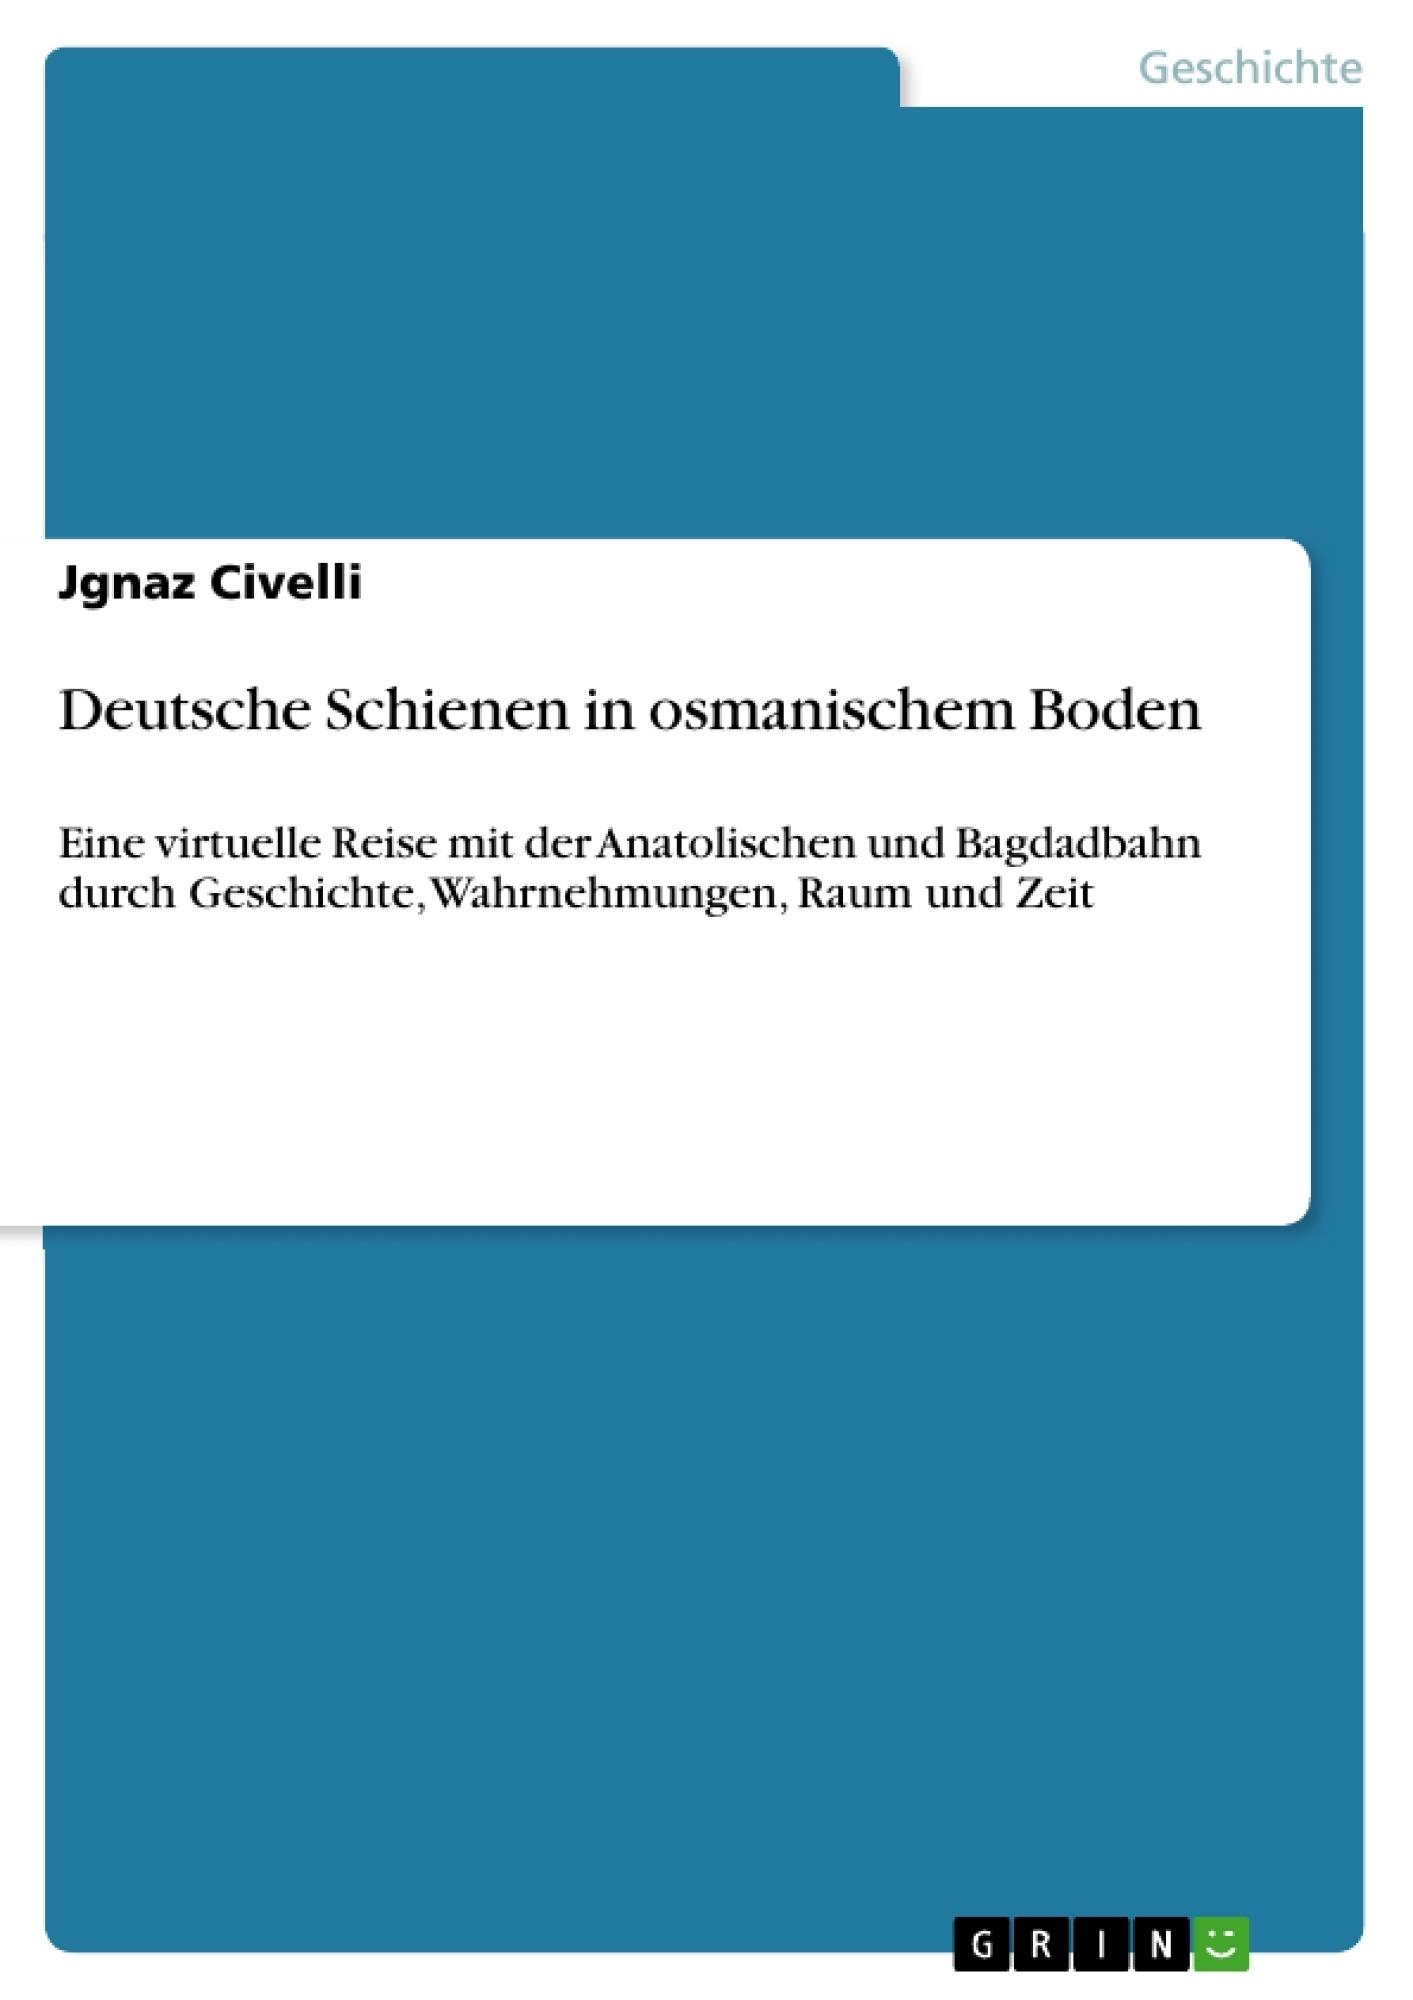 Titel: Deutsche Schienen in osmanischem Boden